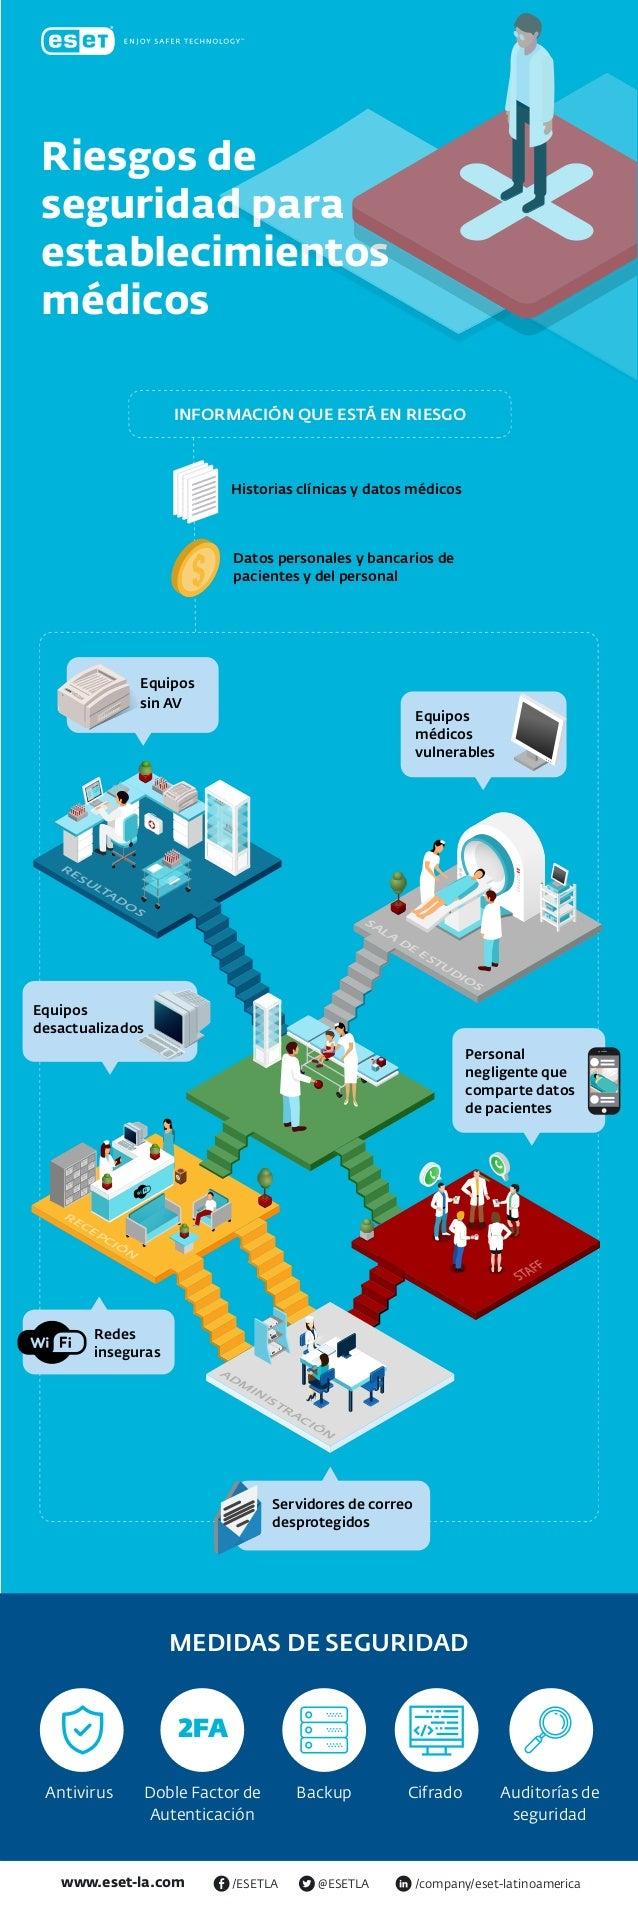 www.eset-la.com /company/eset-latinoamerica@ESETLA/ESETLA Historias clínicas y datos médicos Datos personales y bancarios ...